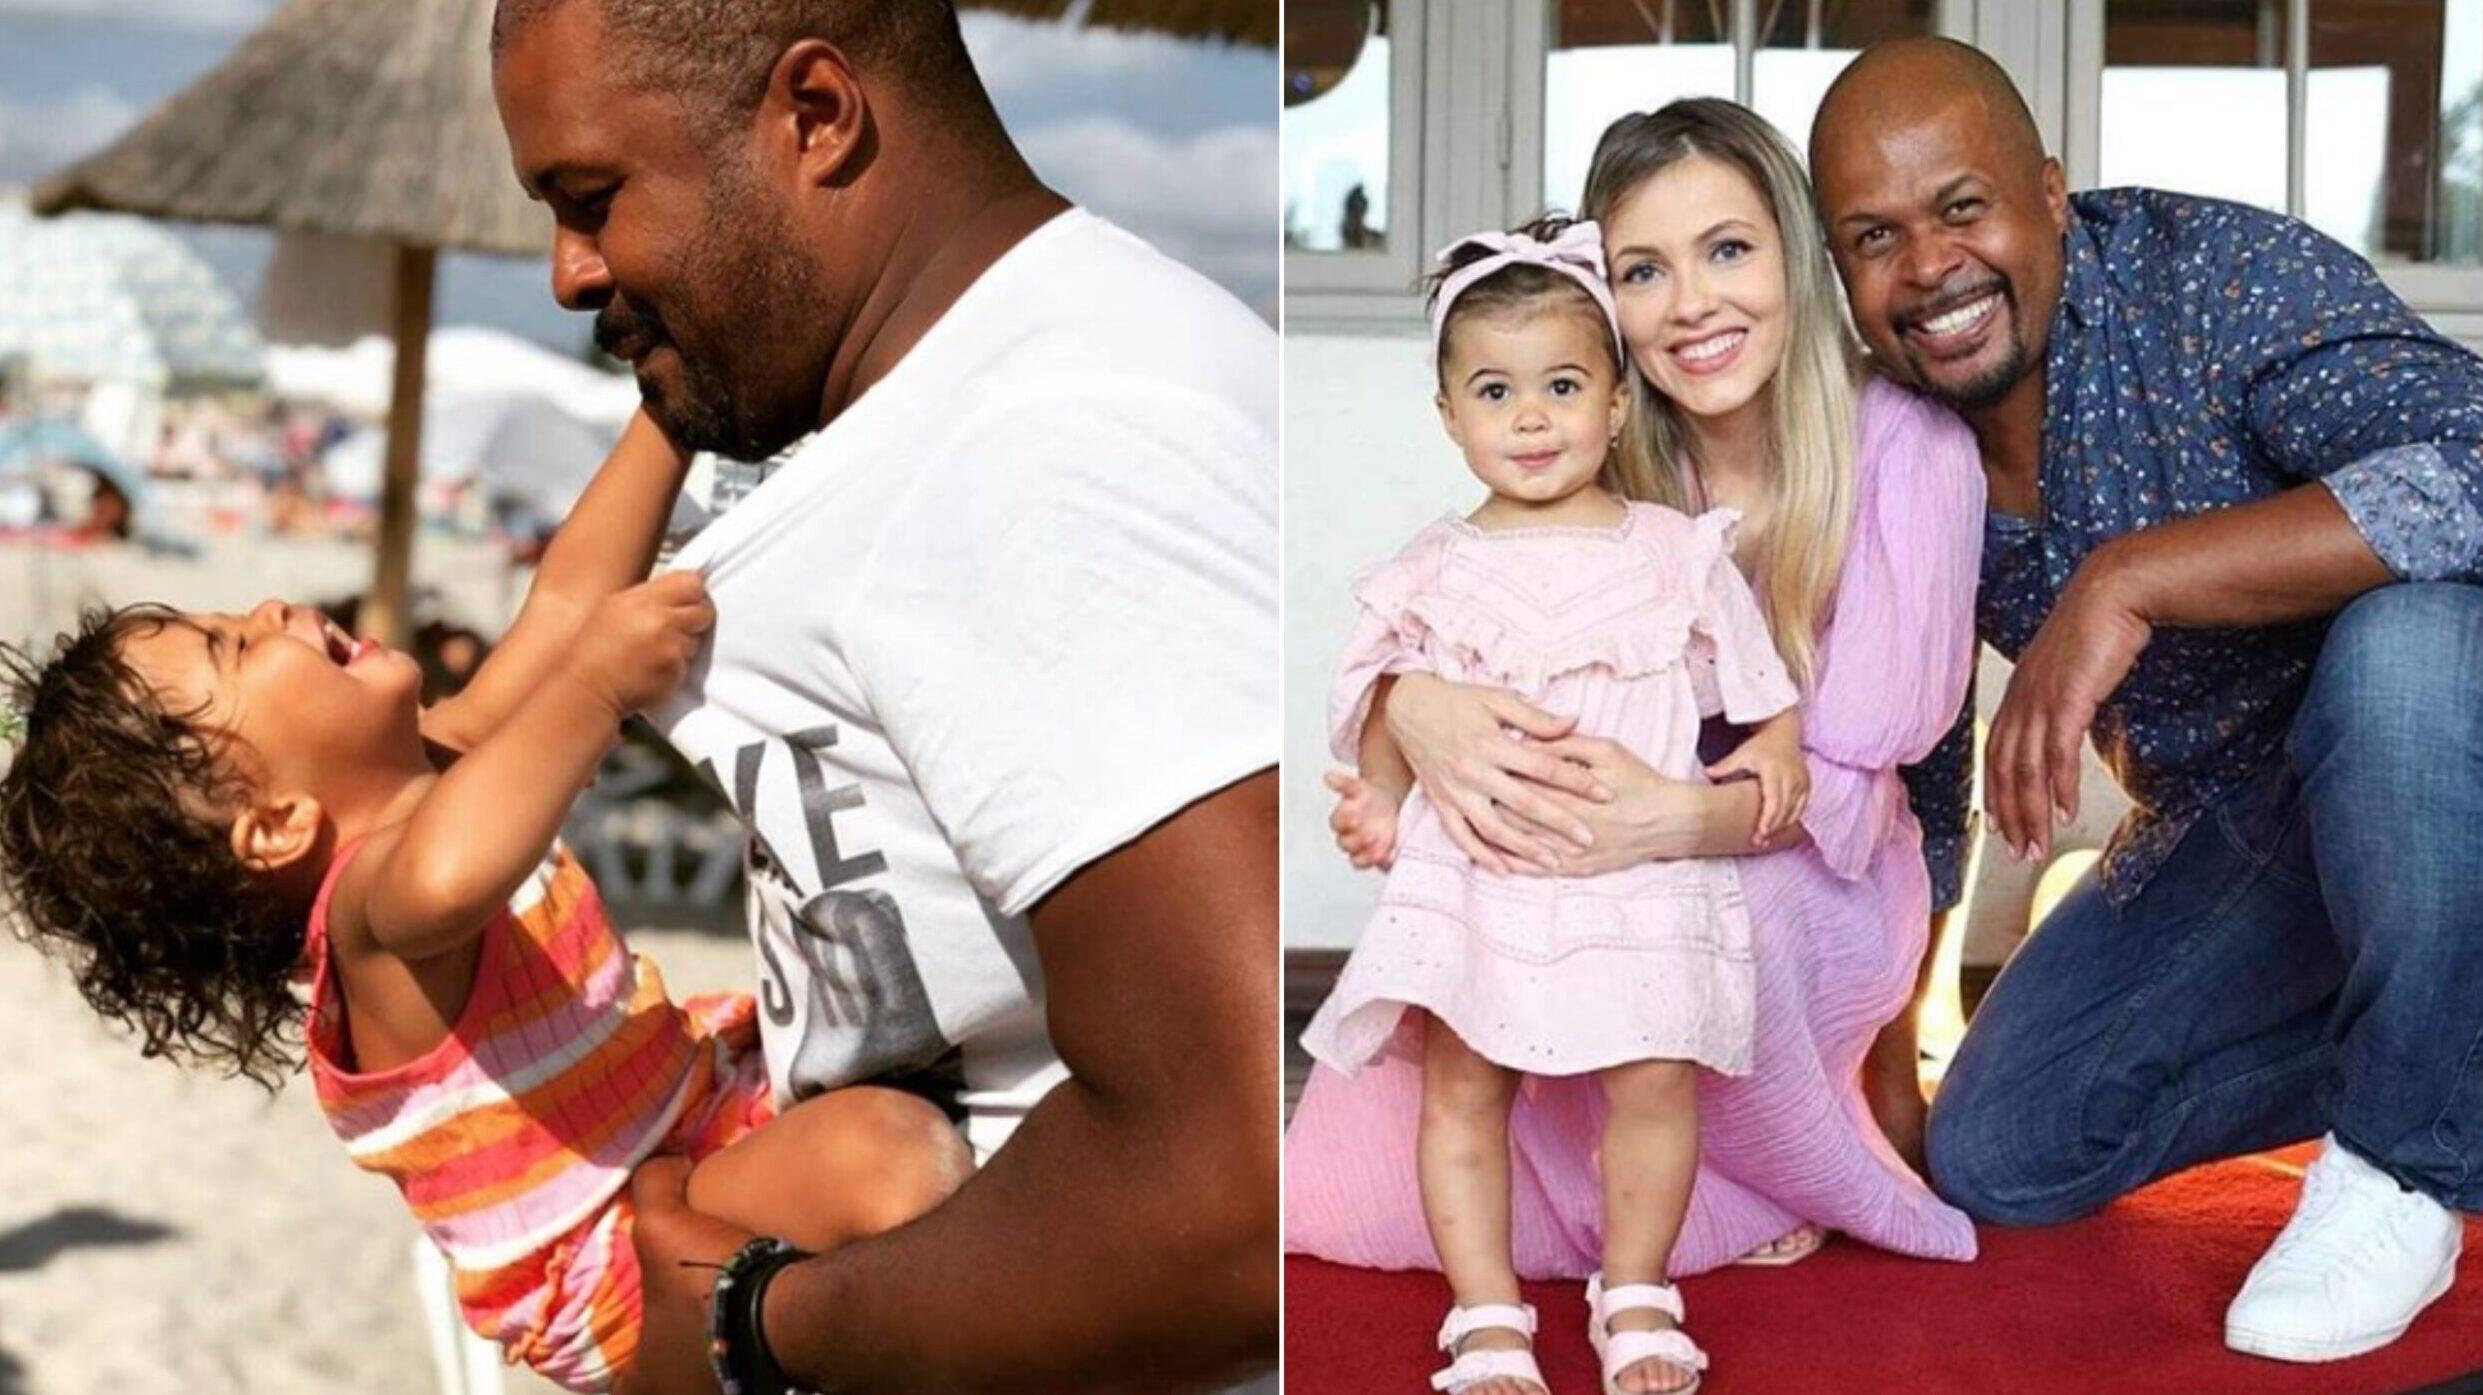 Fotografia din mediul online cu Namiko, fiica lui Cabral, ce a stârnit un val de reacții pro și contra